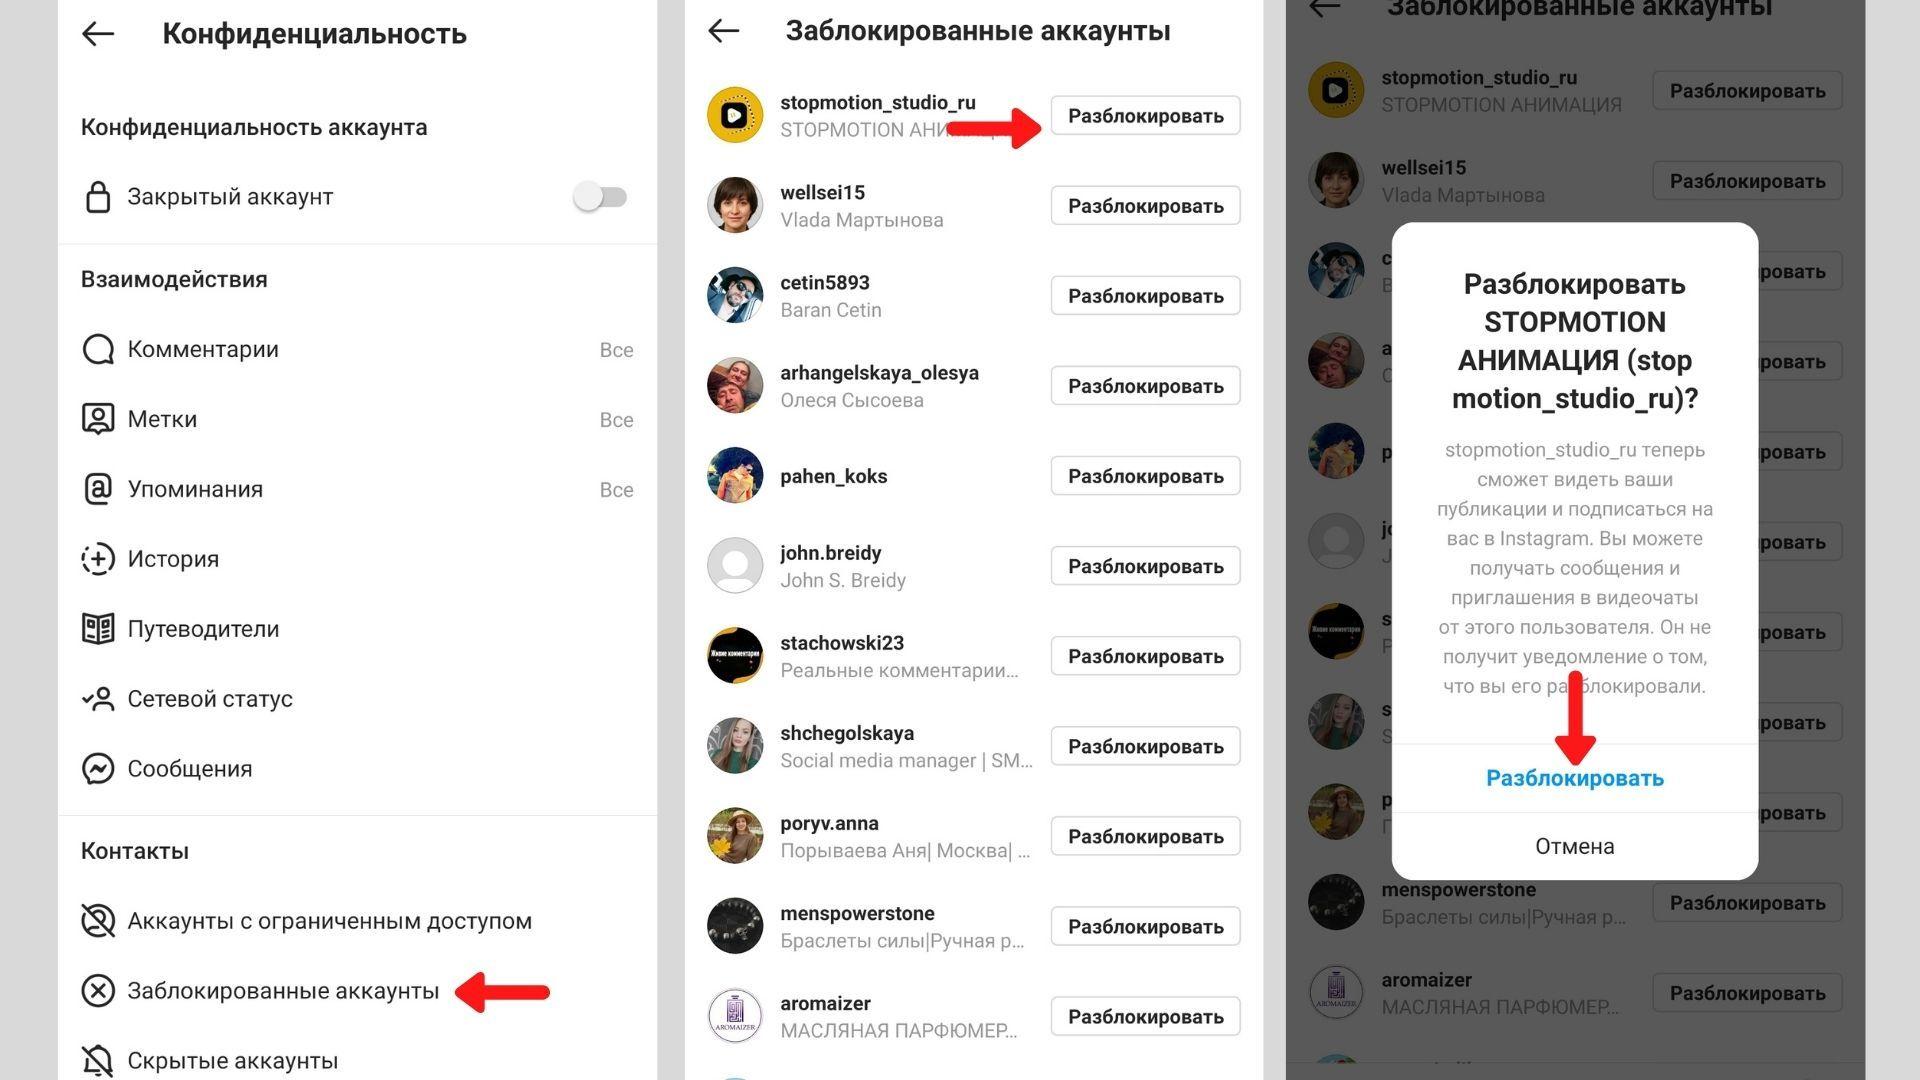 Как разблокировать аккаунт в Инстаграм